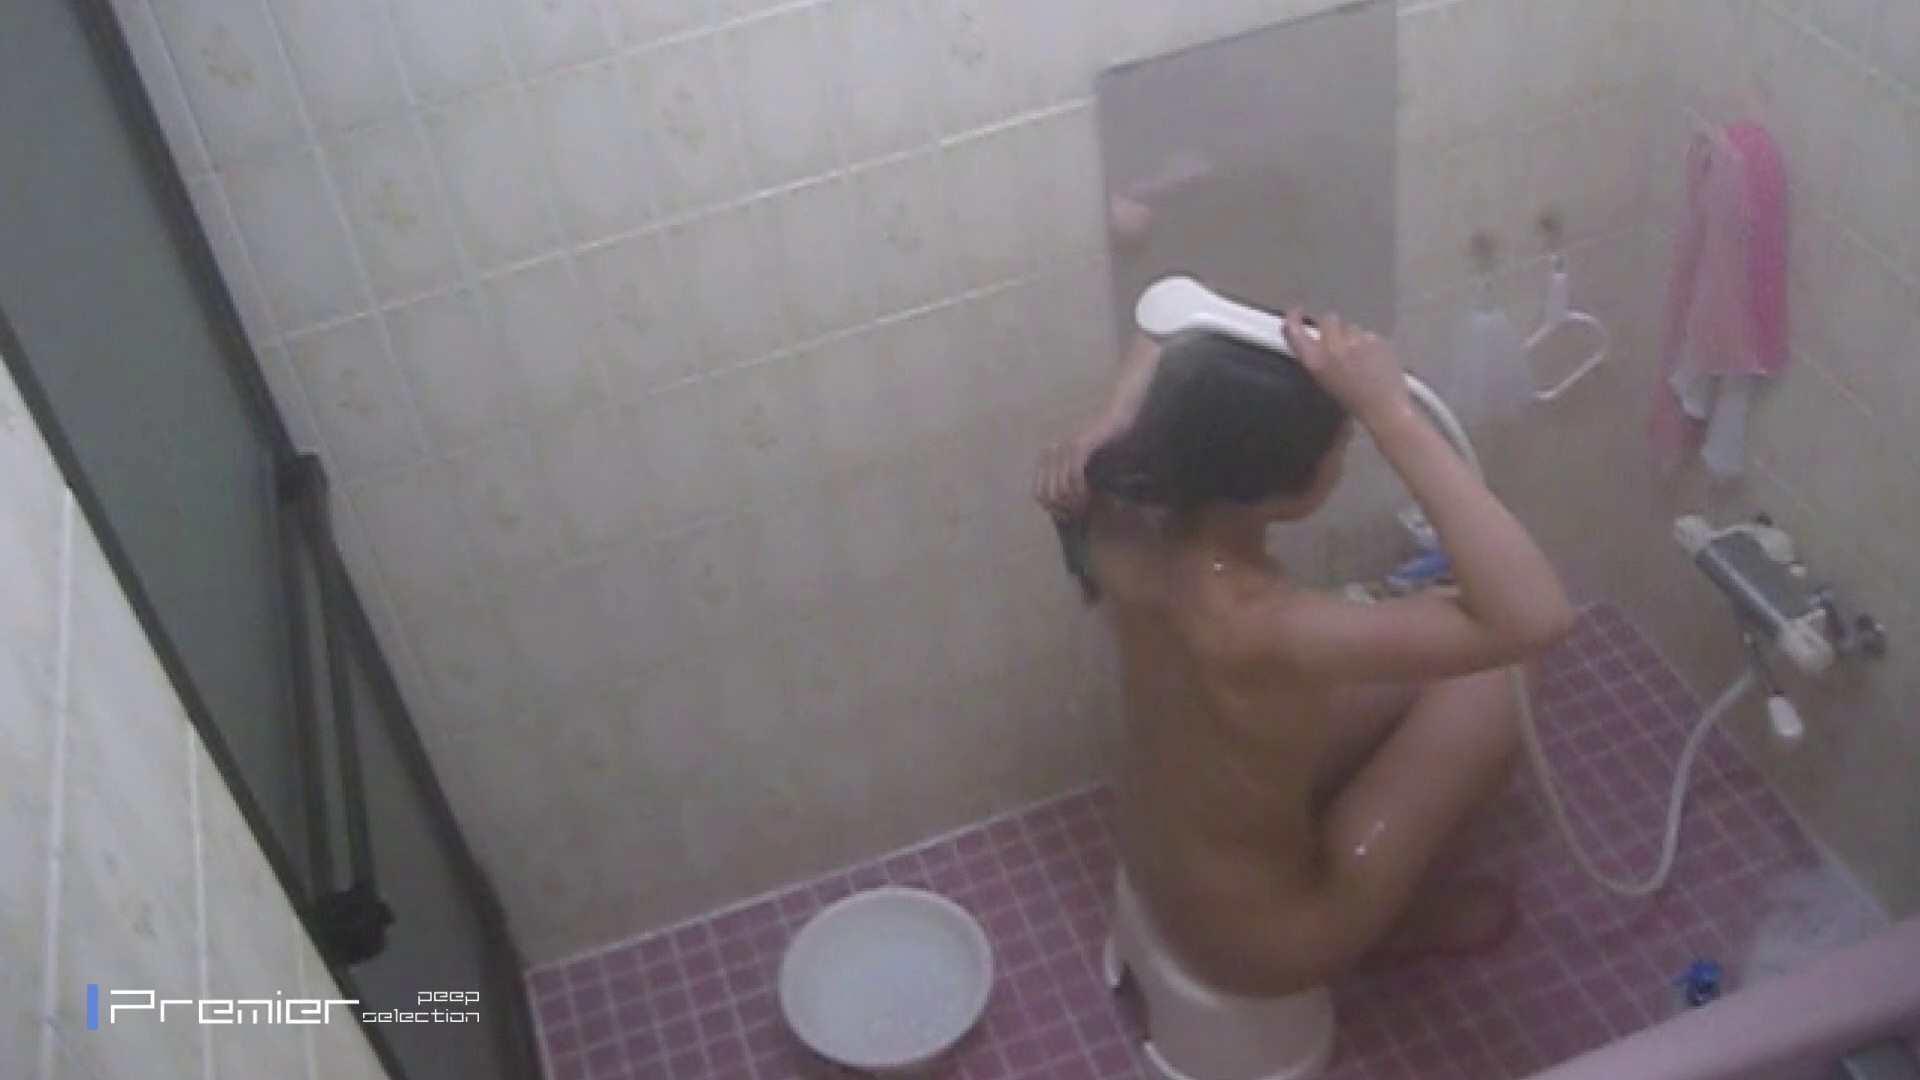 鏡に写る美女バレ盗撮 乙女の風呂場 Vol.10 細身女性 セックス画像 86画像 4